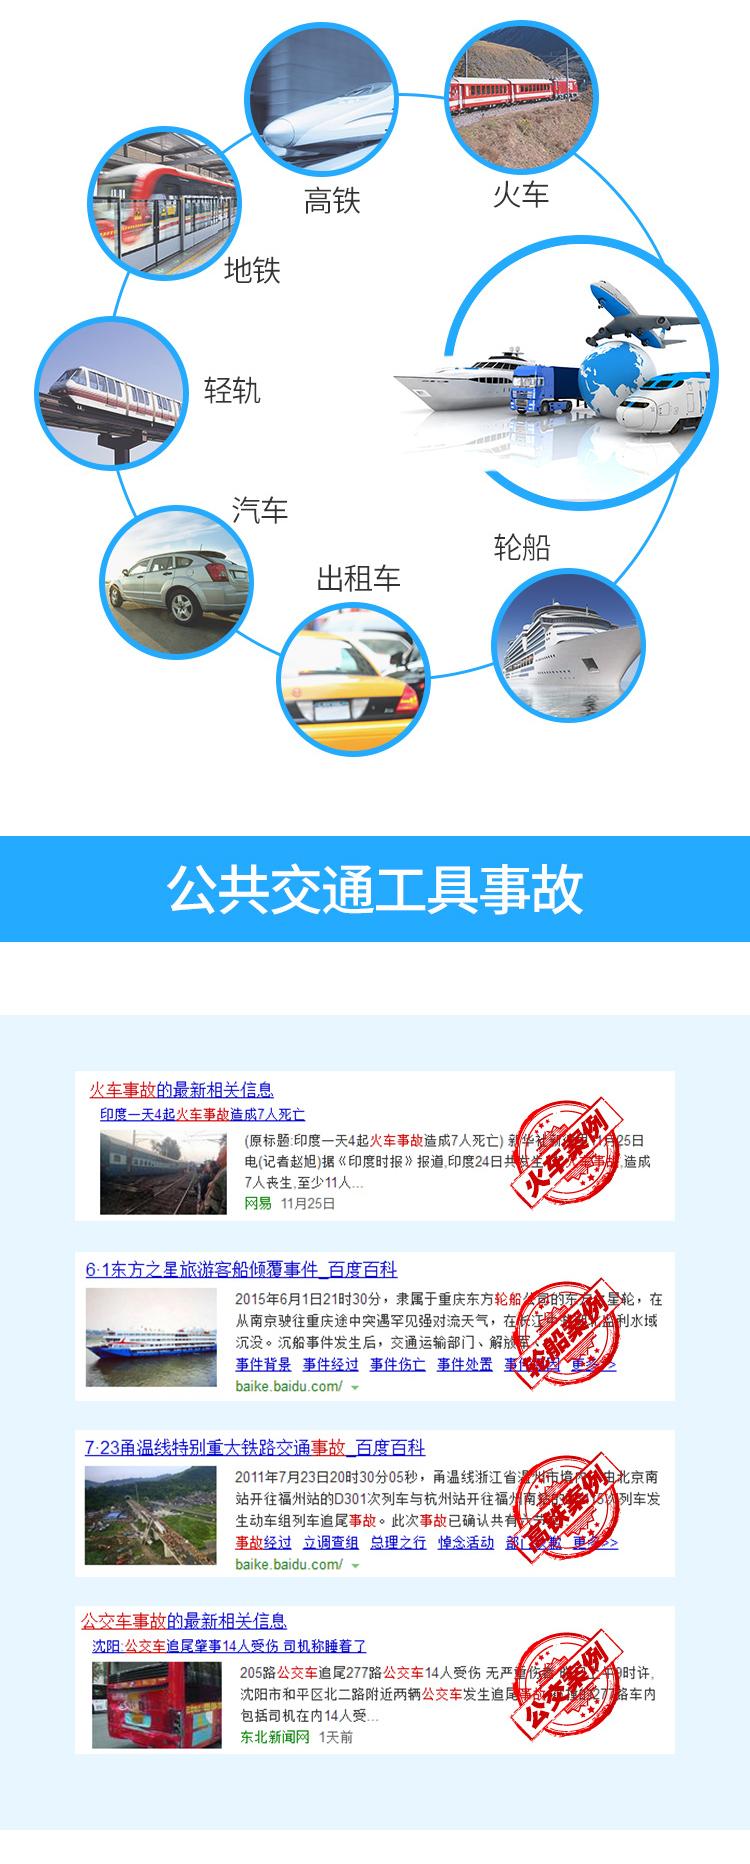 全球水陆公共交通意外伤害保险